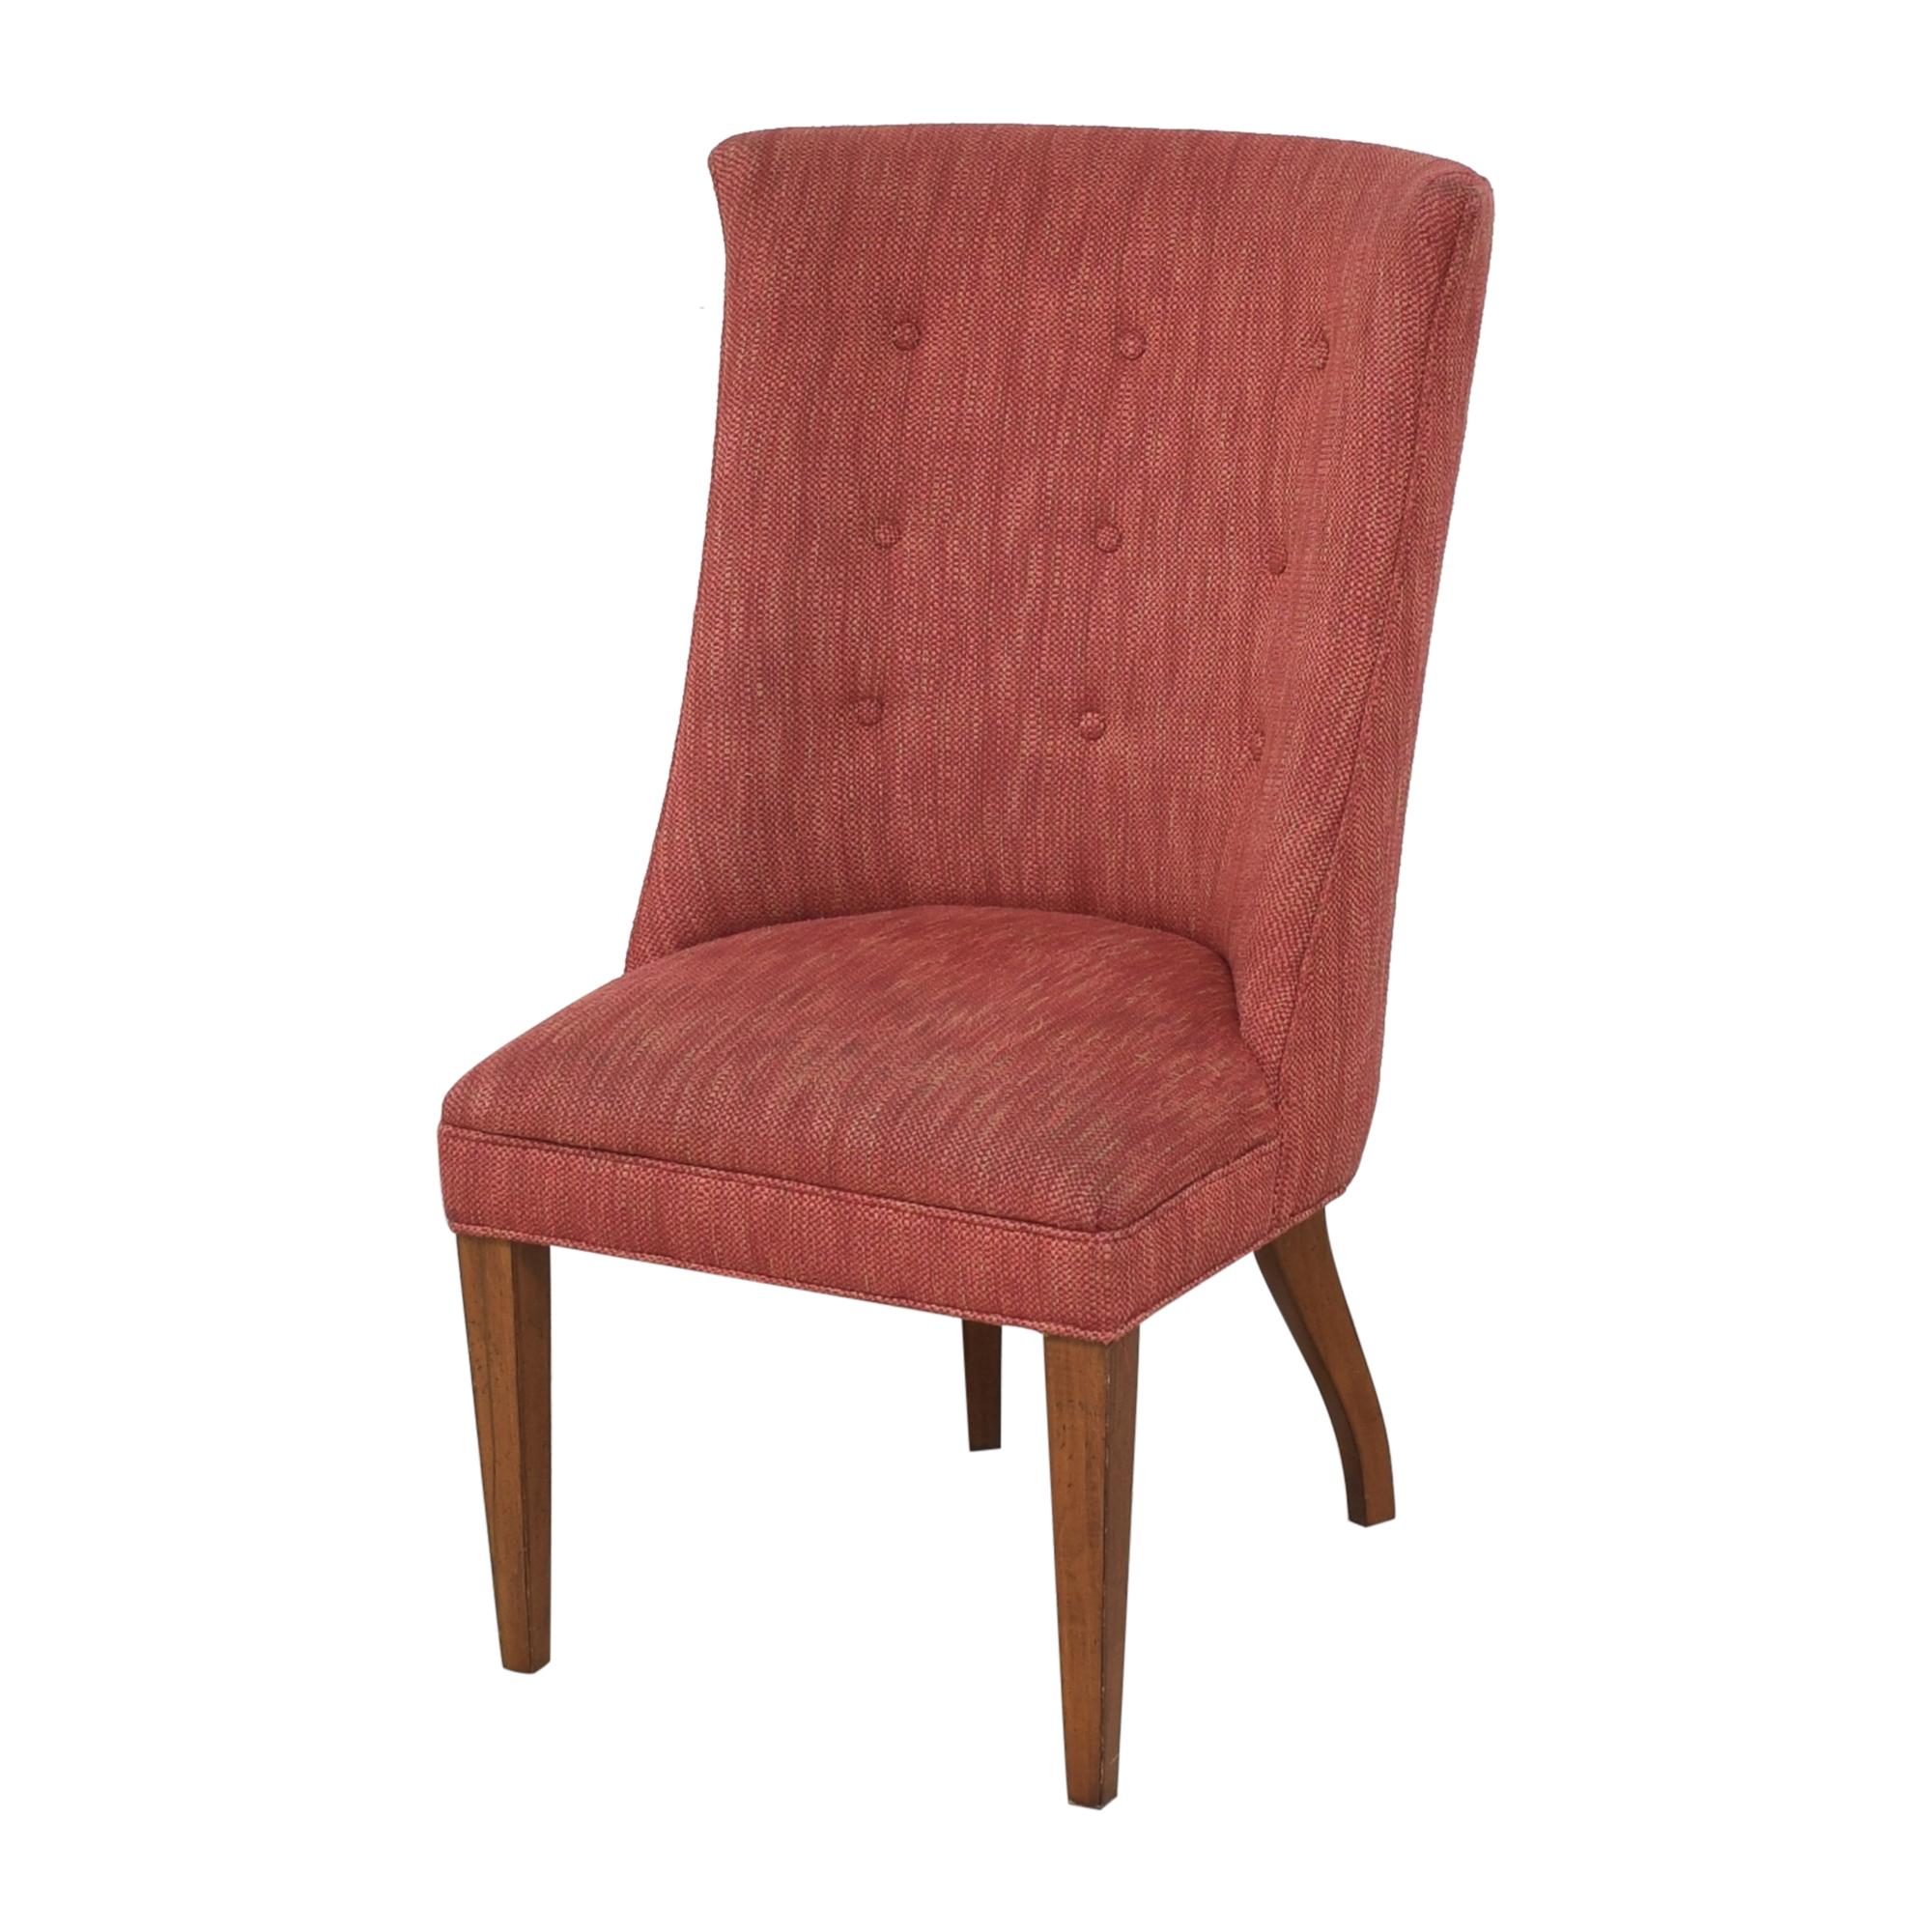 shop Liz Claiborne Tufted Accent Chair Liz Claiborne